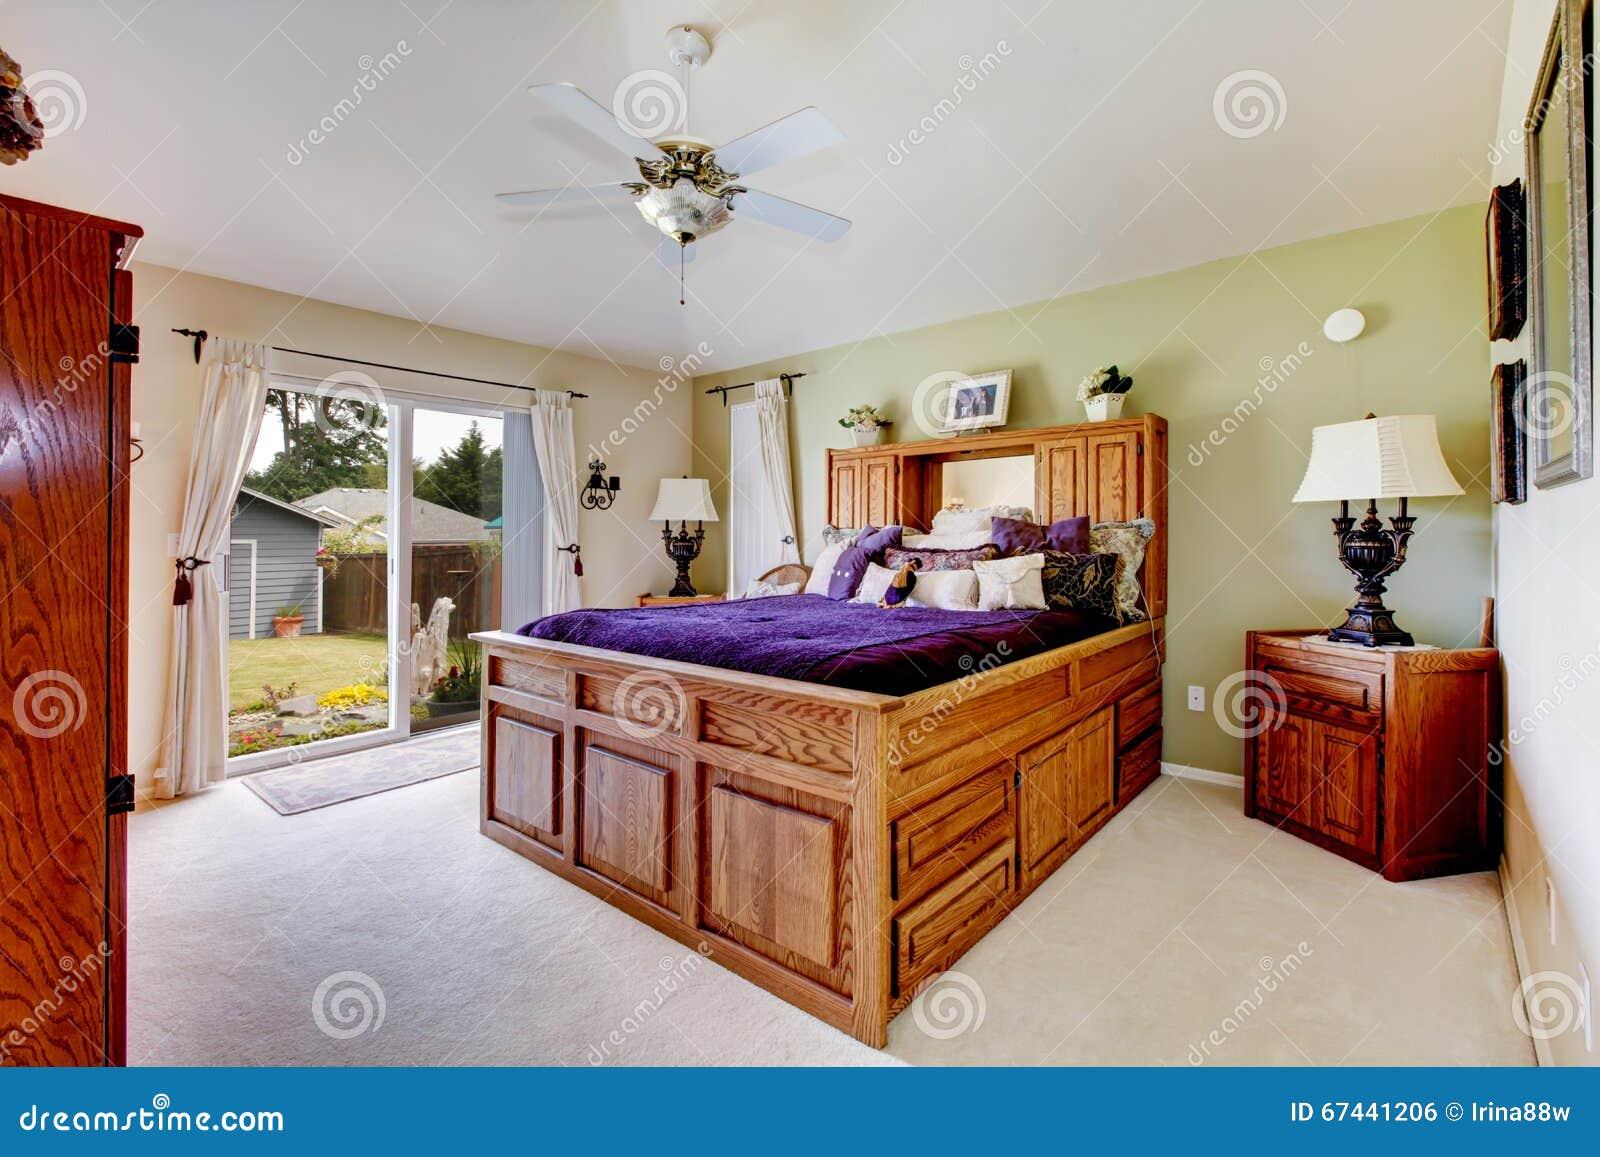 Ventilatore a soffitto blu ventilatore da soffitto blu for Ventilatori da soffitto design